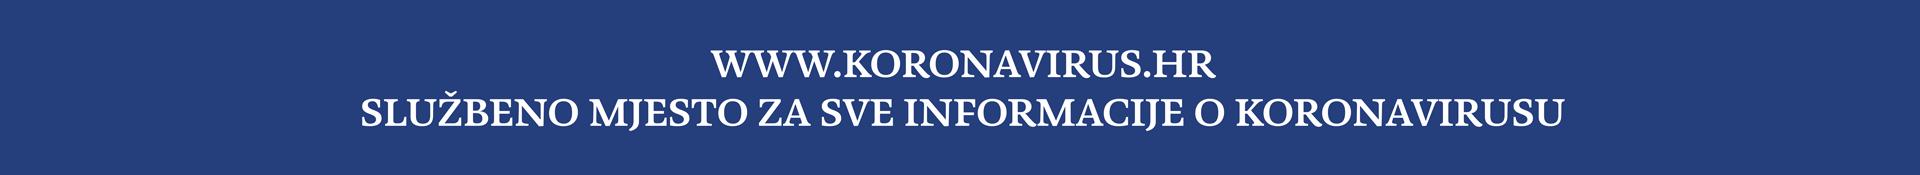 Koronavirus.hr banner